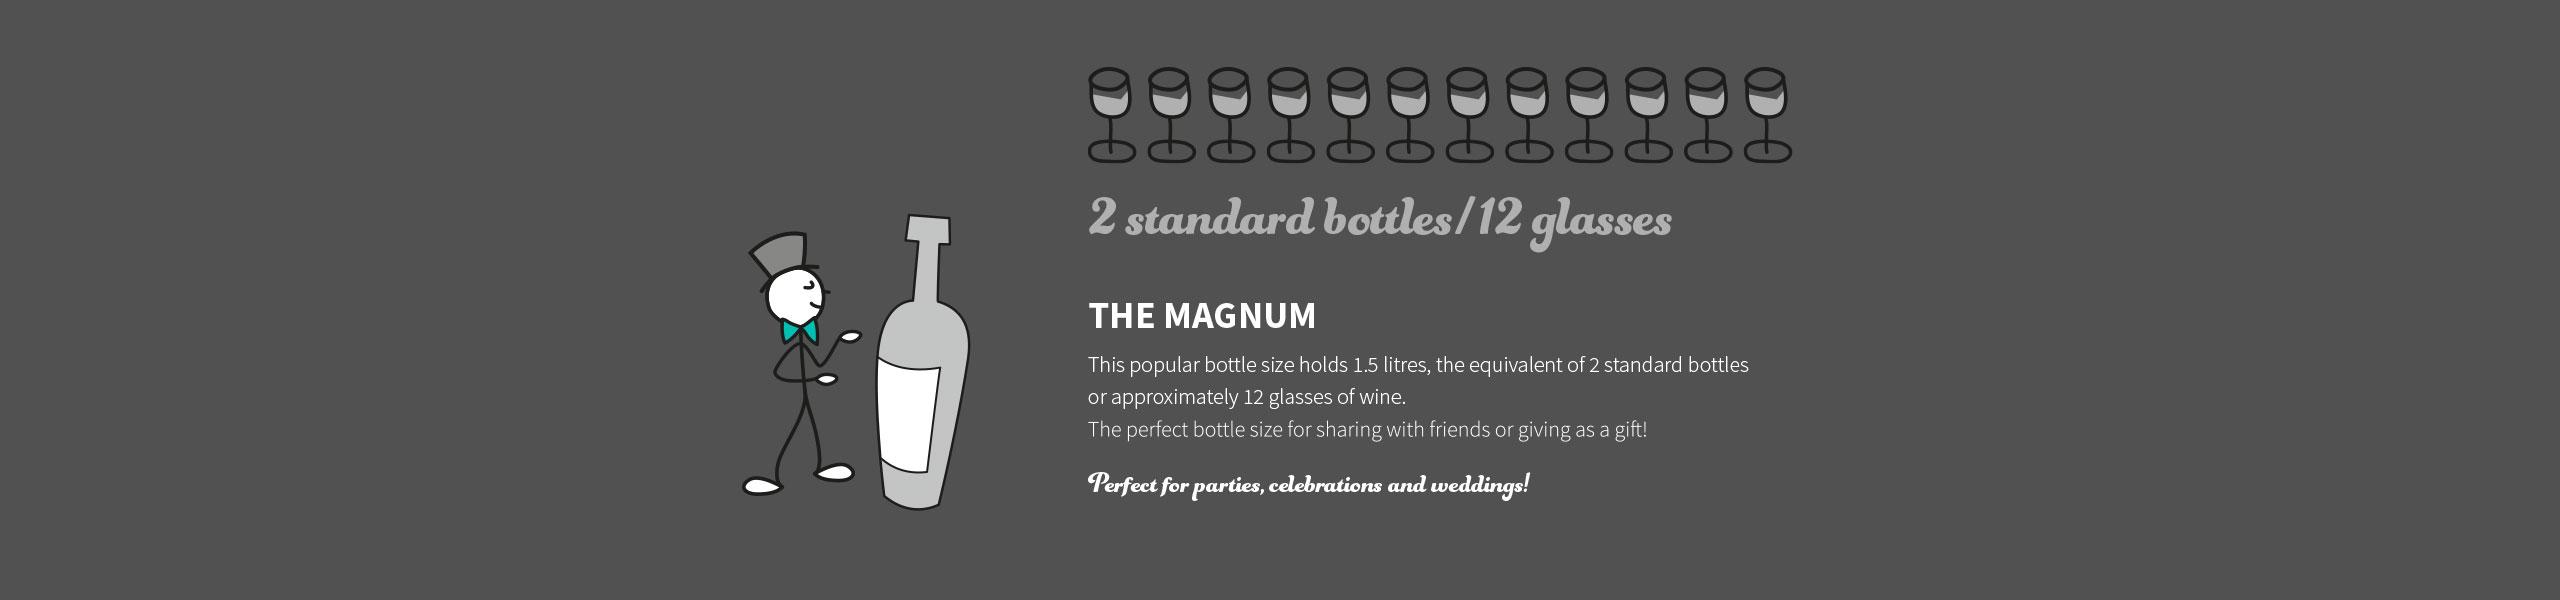 magnum bottle